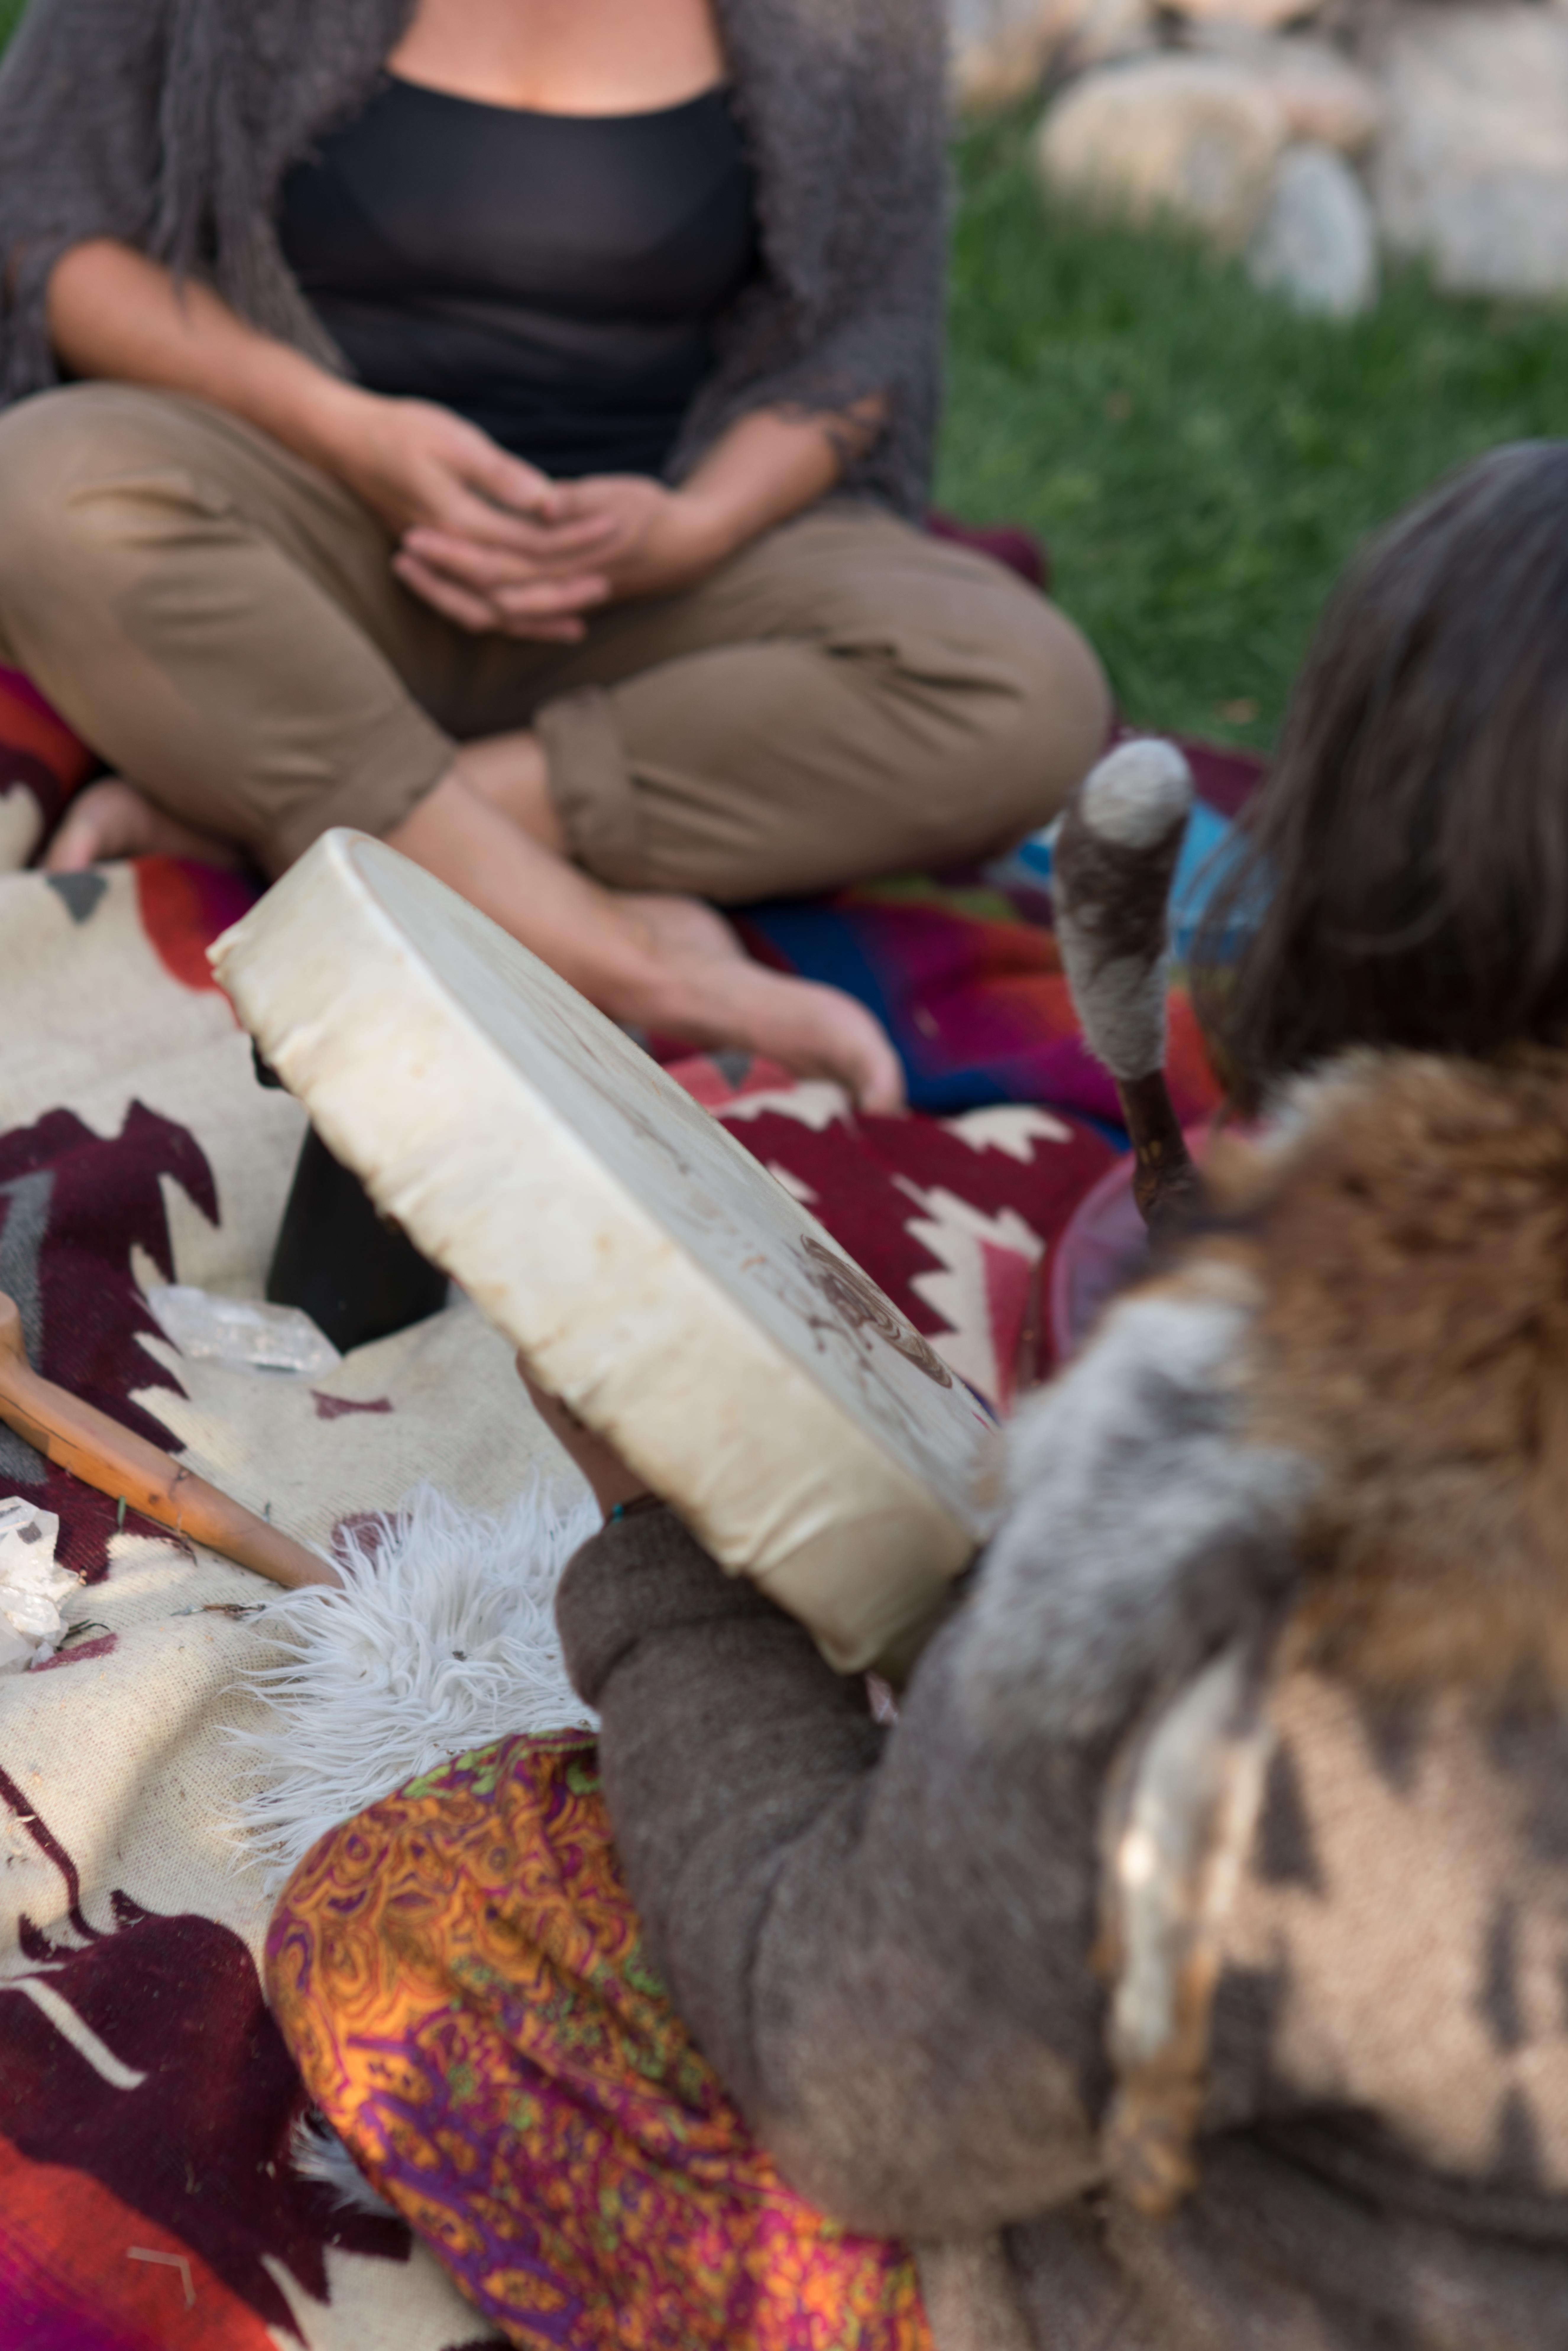 Schamanische Behandlungen und schamanische Beratung für Mensch, Tier, Pflanzen Plätze und Unternehmen